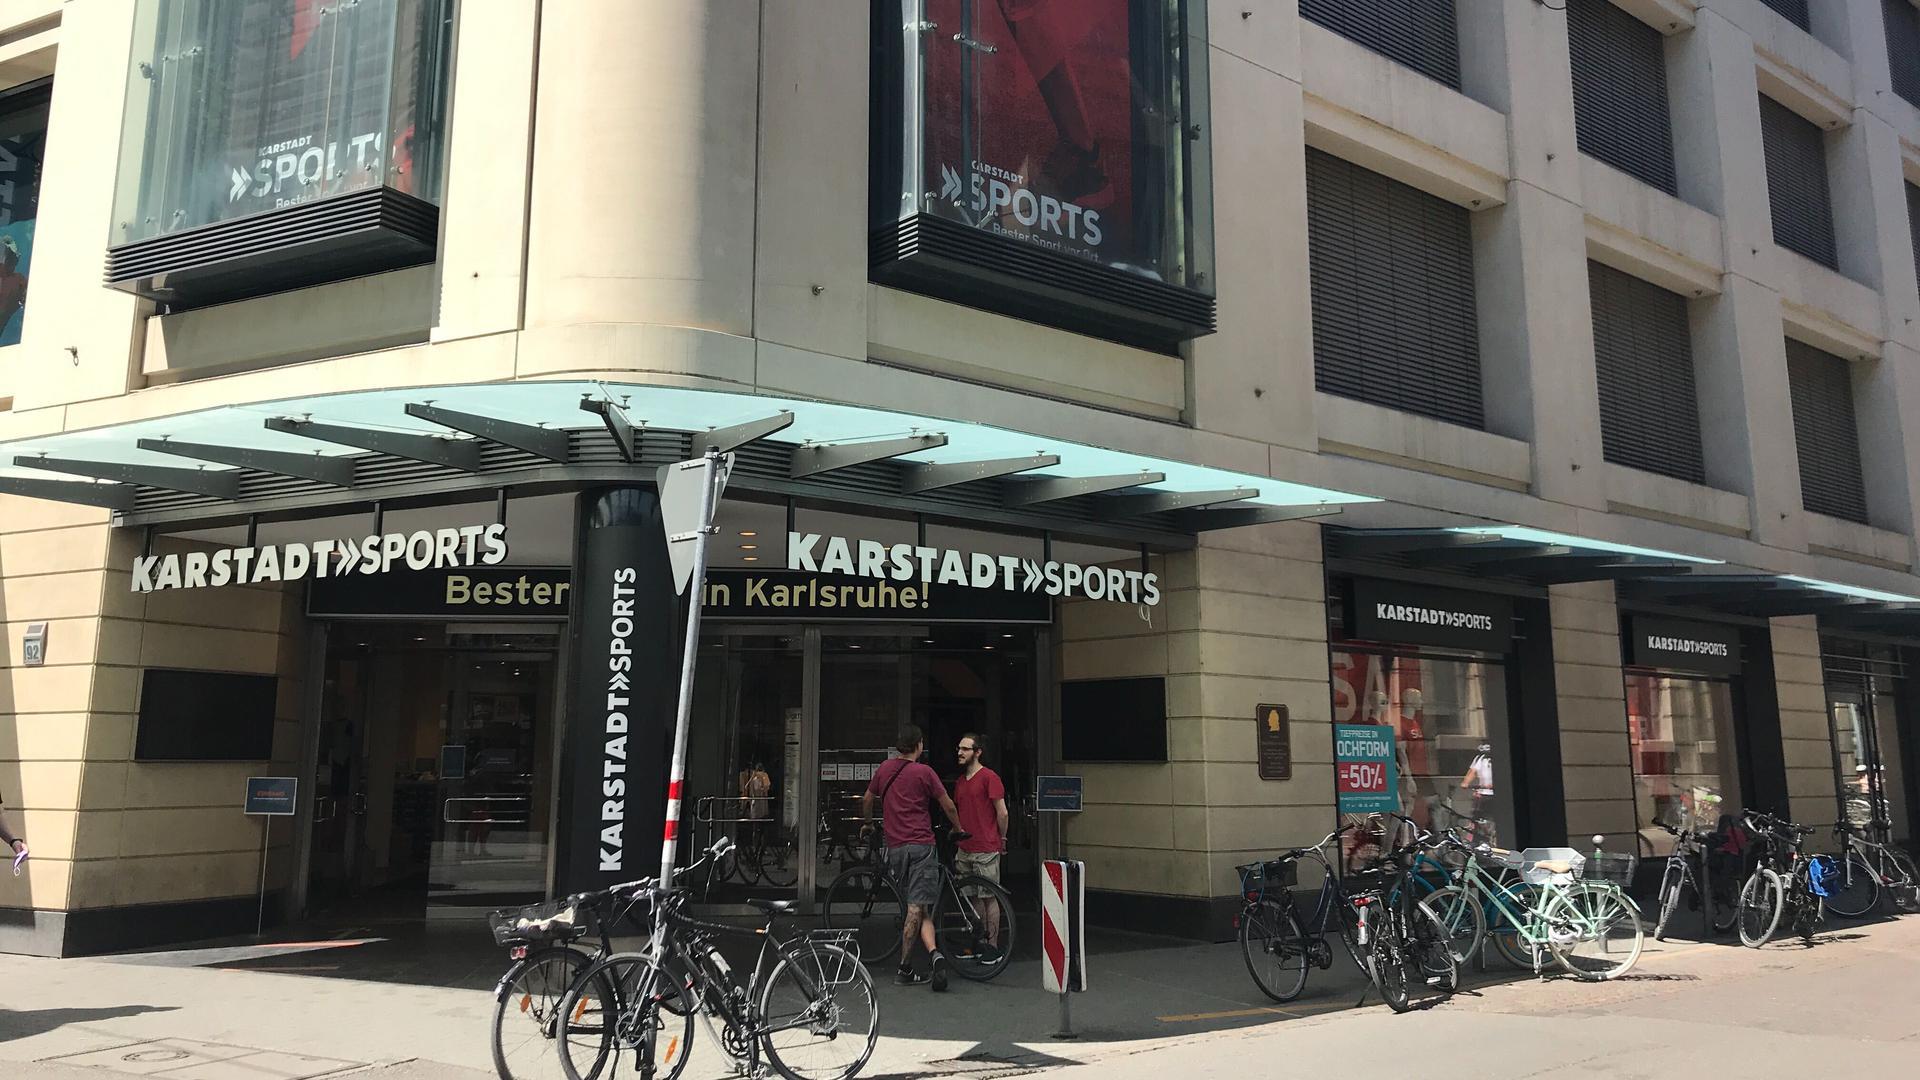 Karstadt Nachrichten